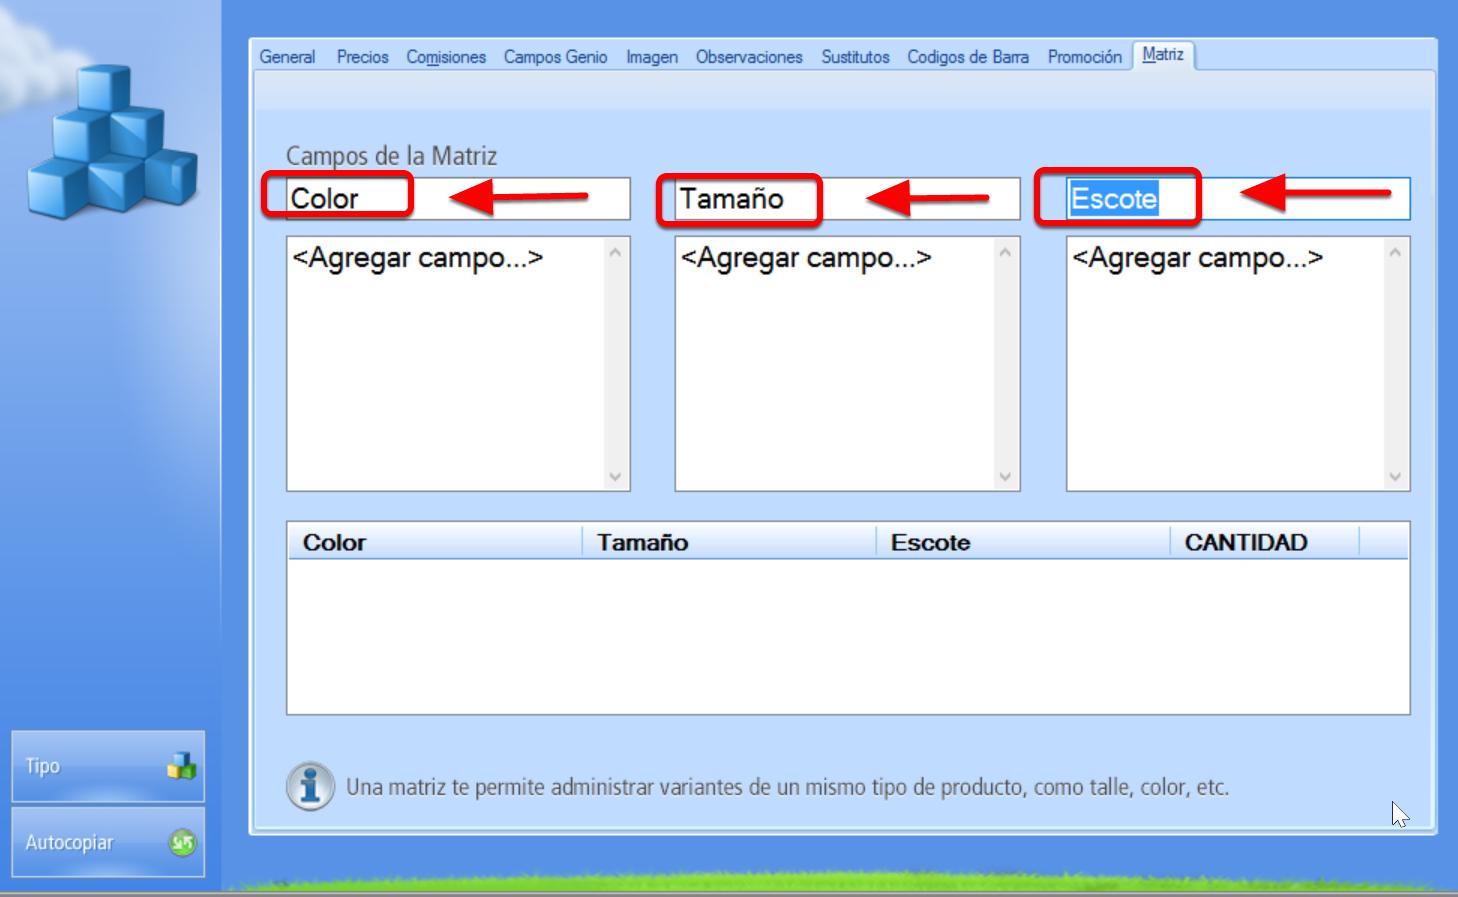 Nombrar campo correspondiente a cada una de las caracter铆sticas que var铆an. Por ejemplo: Color, Talla, Escote